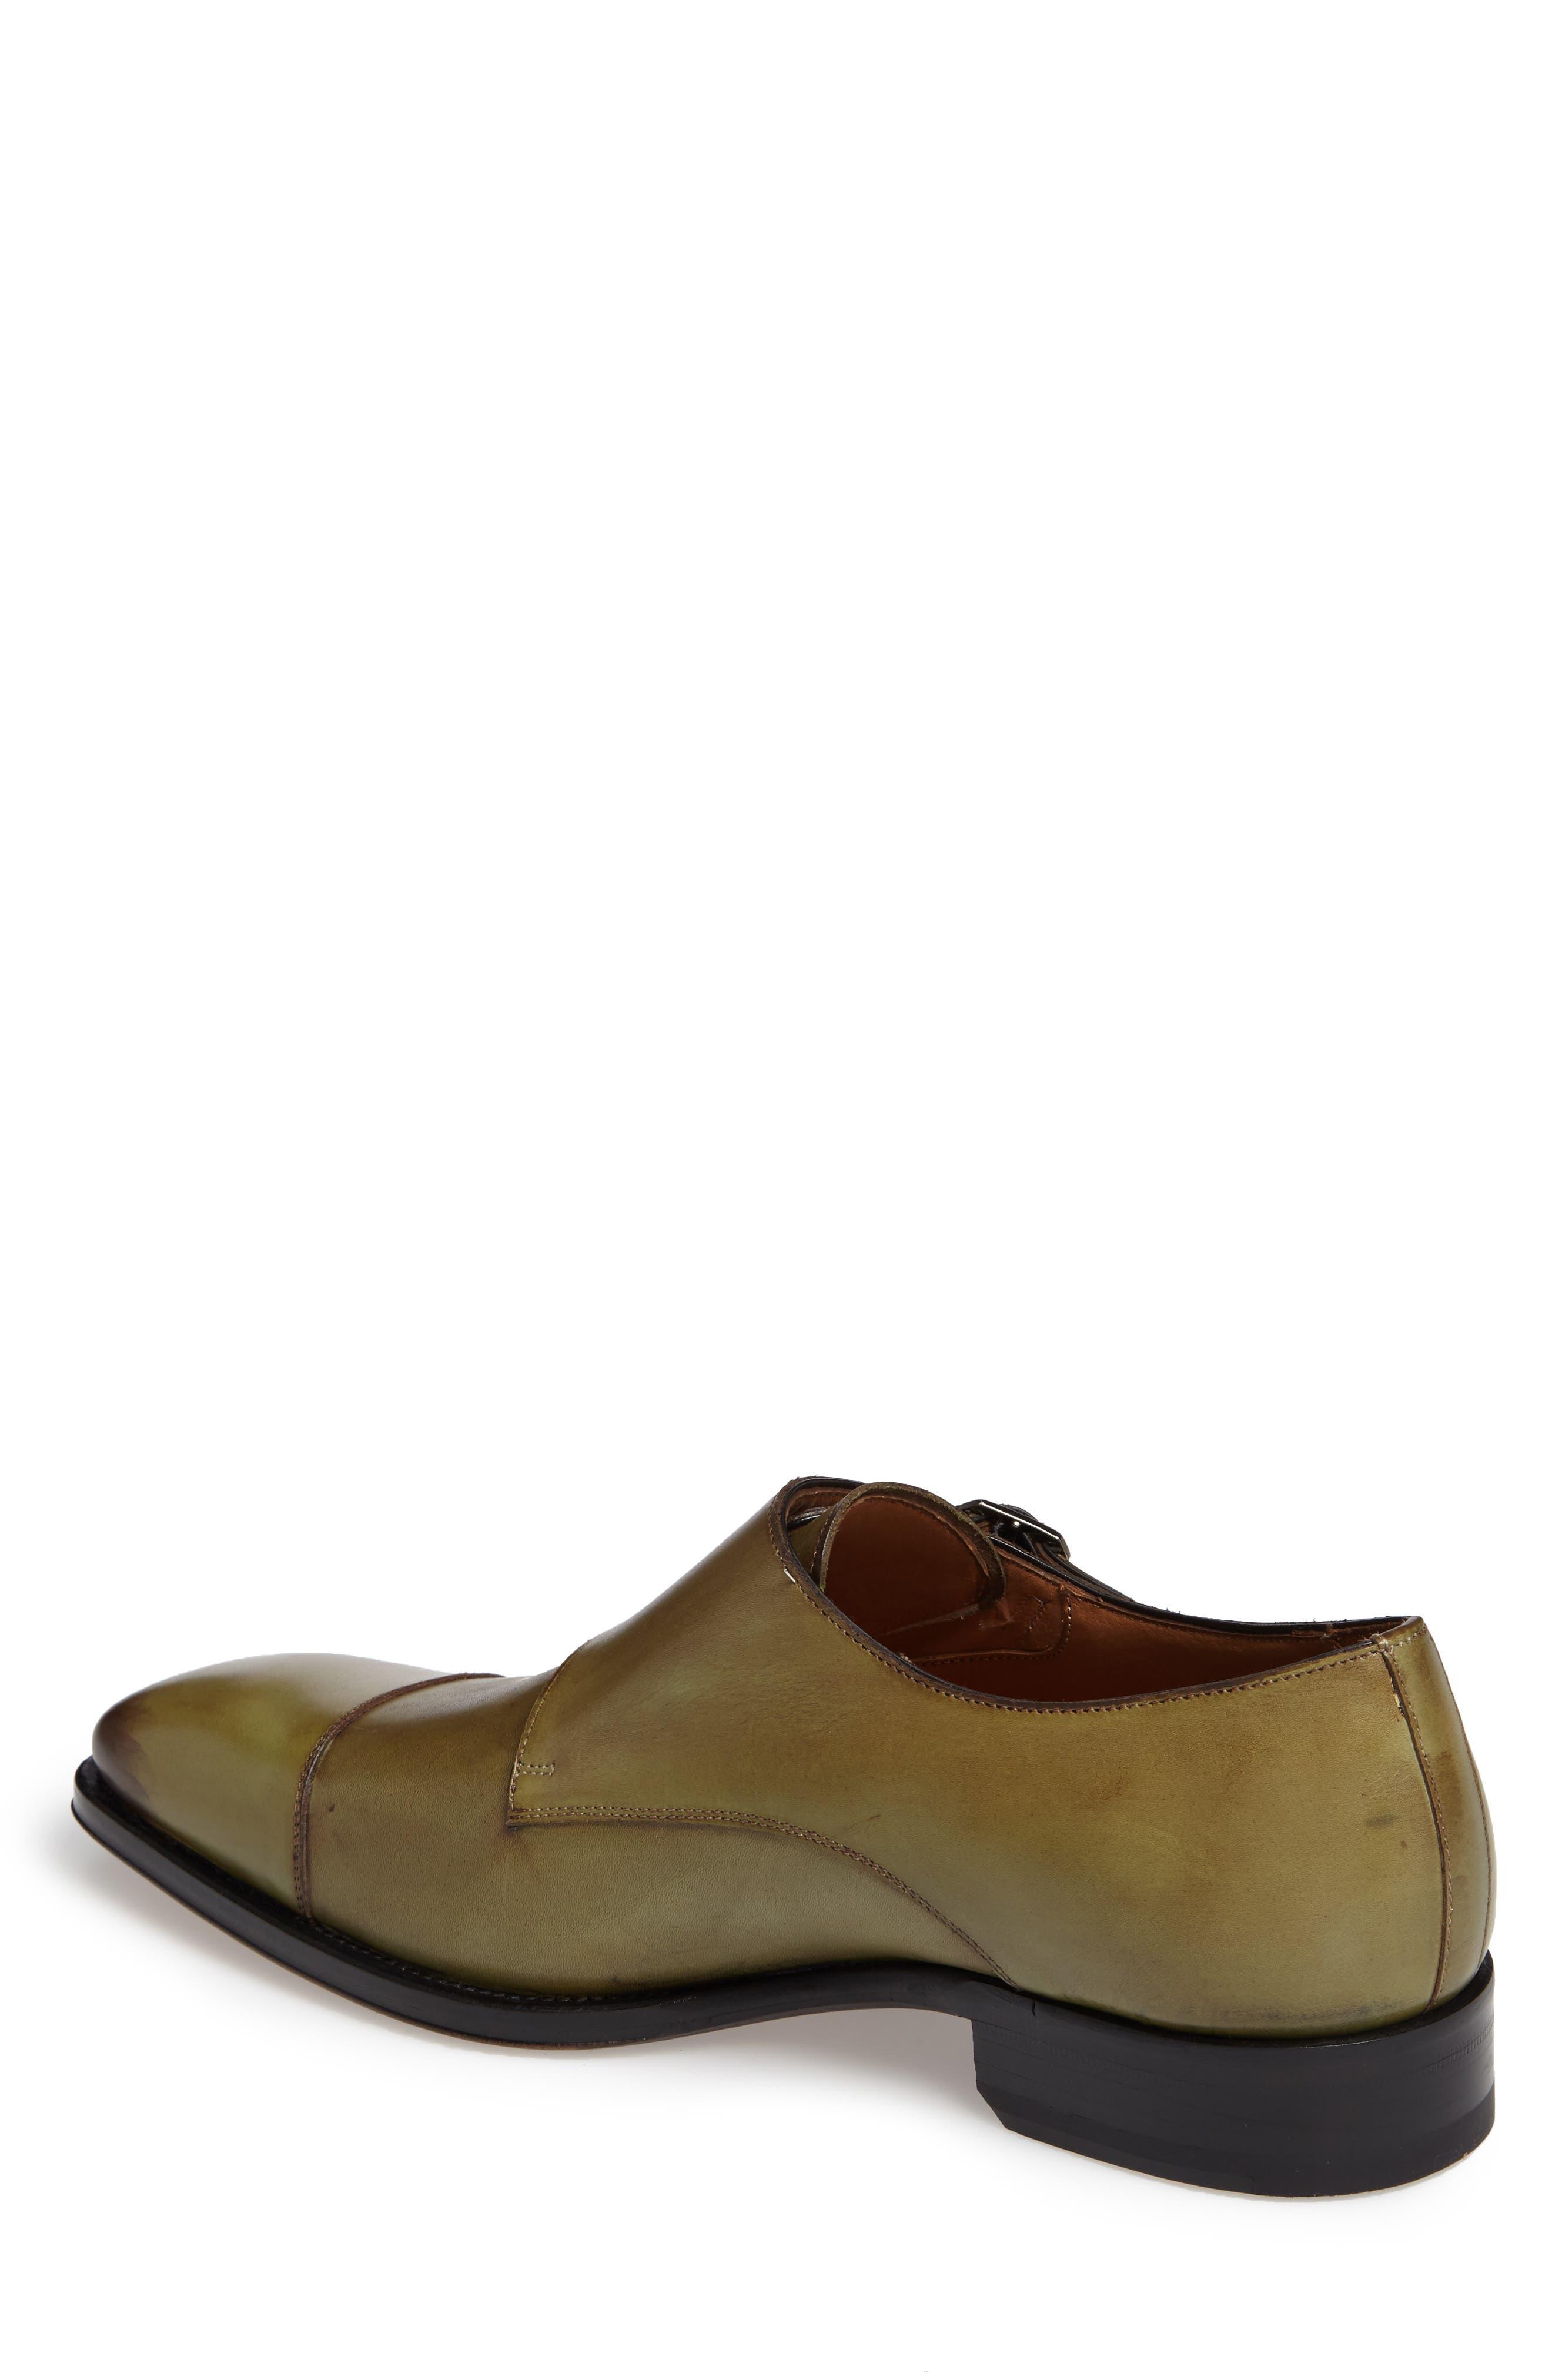 Cajal Double Monk Strap Cap Toe Shoe,                             Alternate thumbnail 6, color,